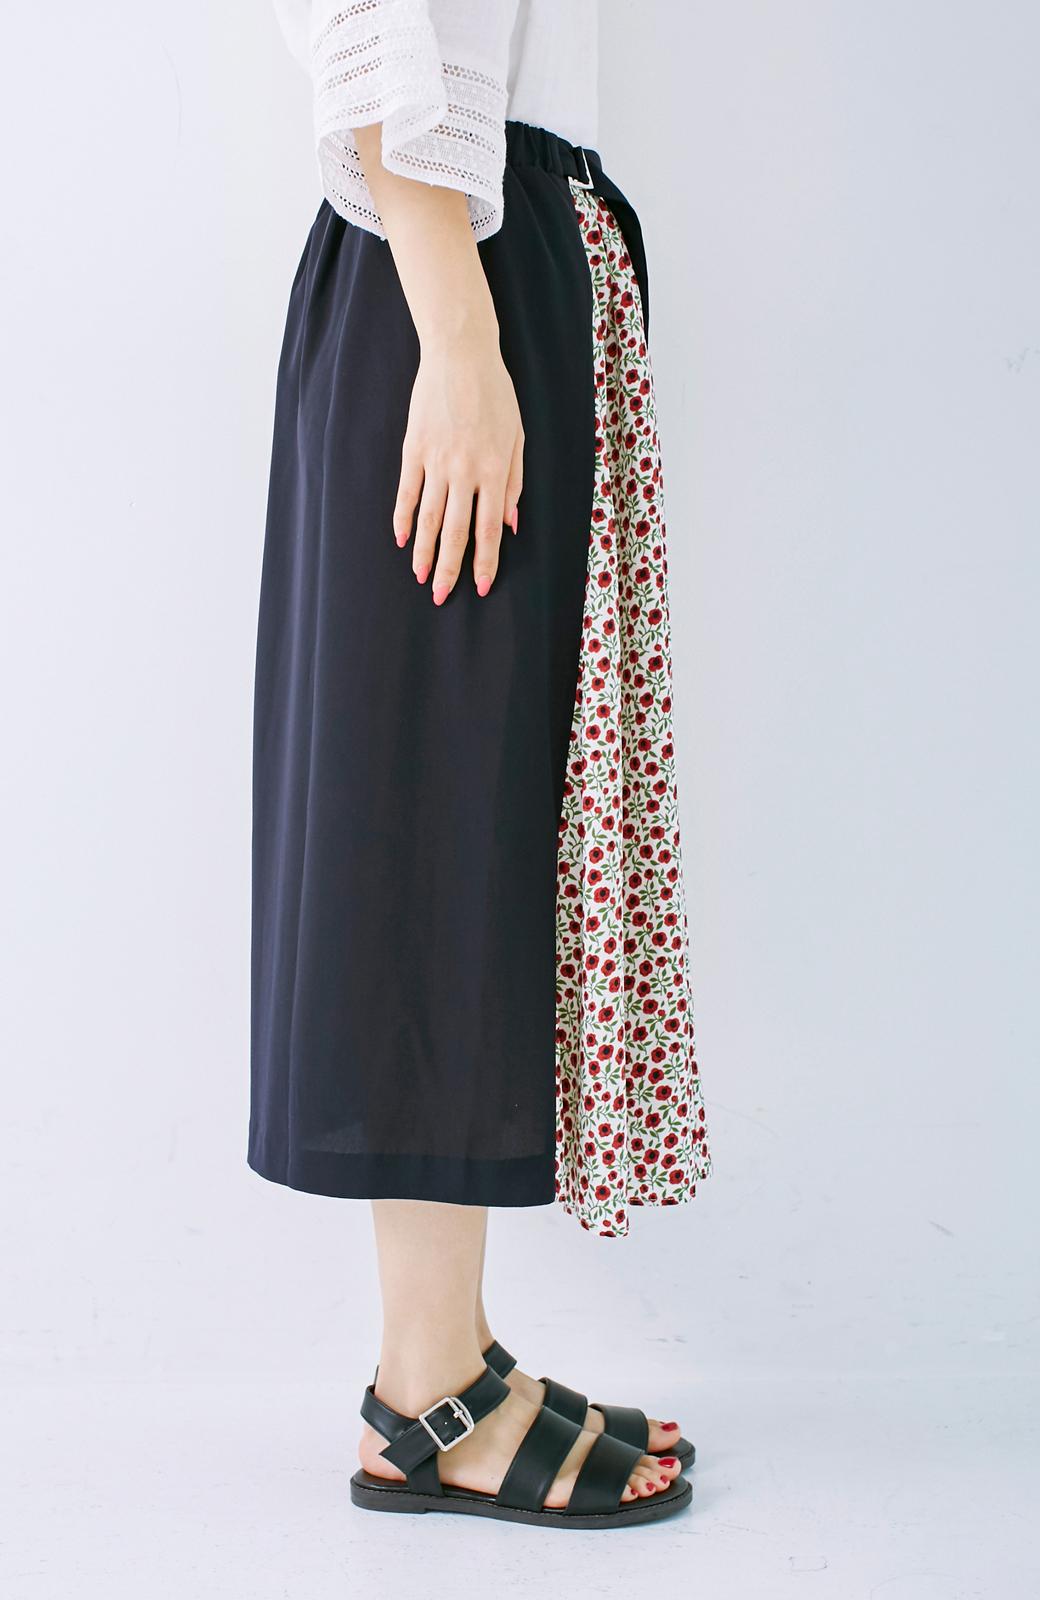 エムトロワ 大人っぽく柄を楽しめる 花柄&カラーコンビのフレアースカート <ネイビー>の商品写真4